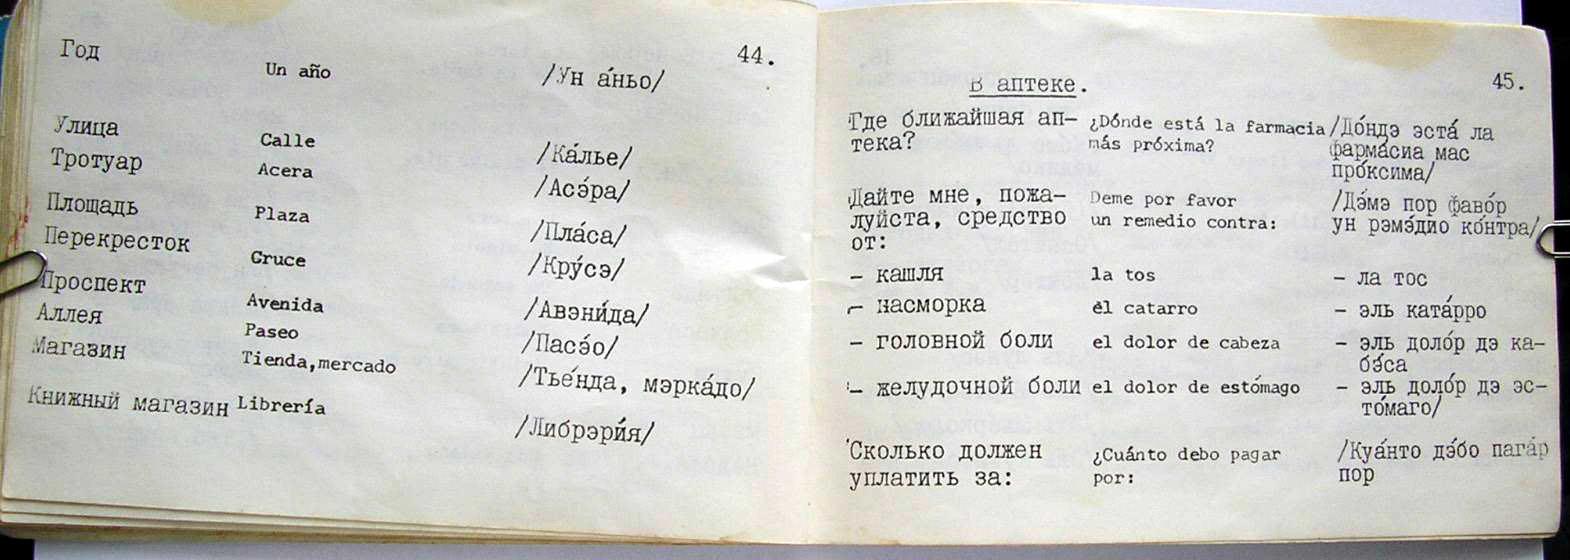 Русско-испанский разговорник, страницы 44-45